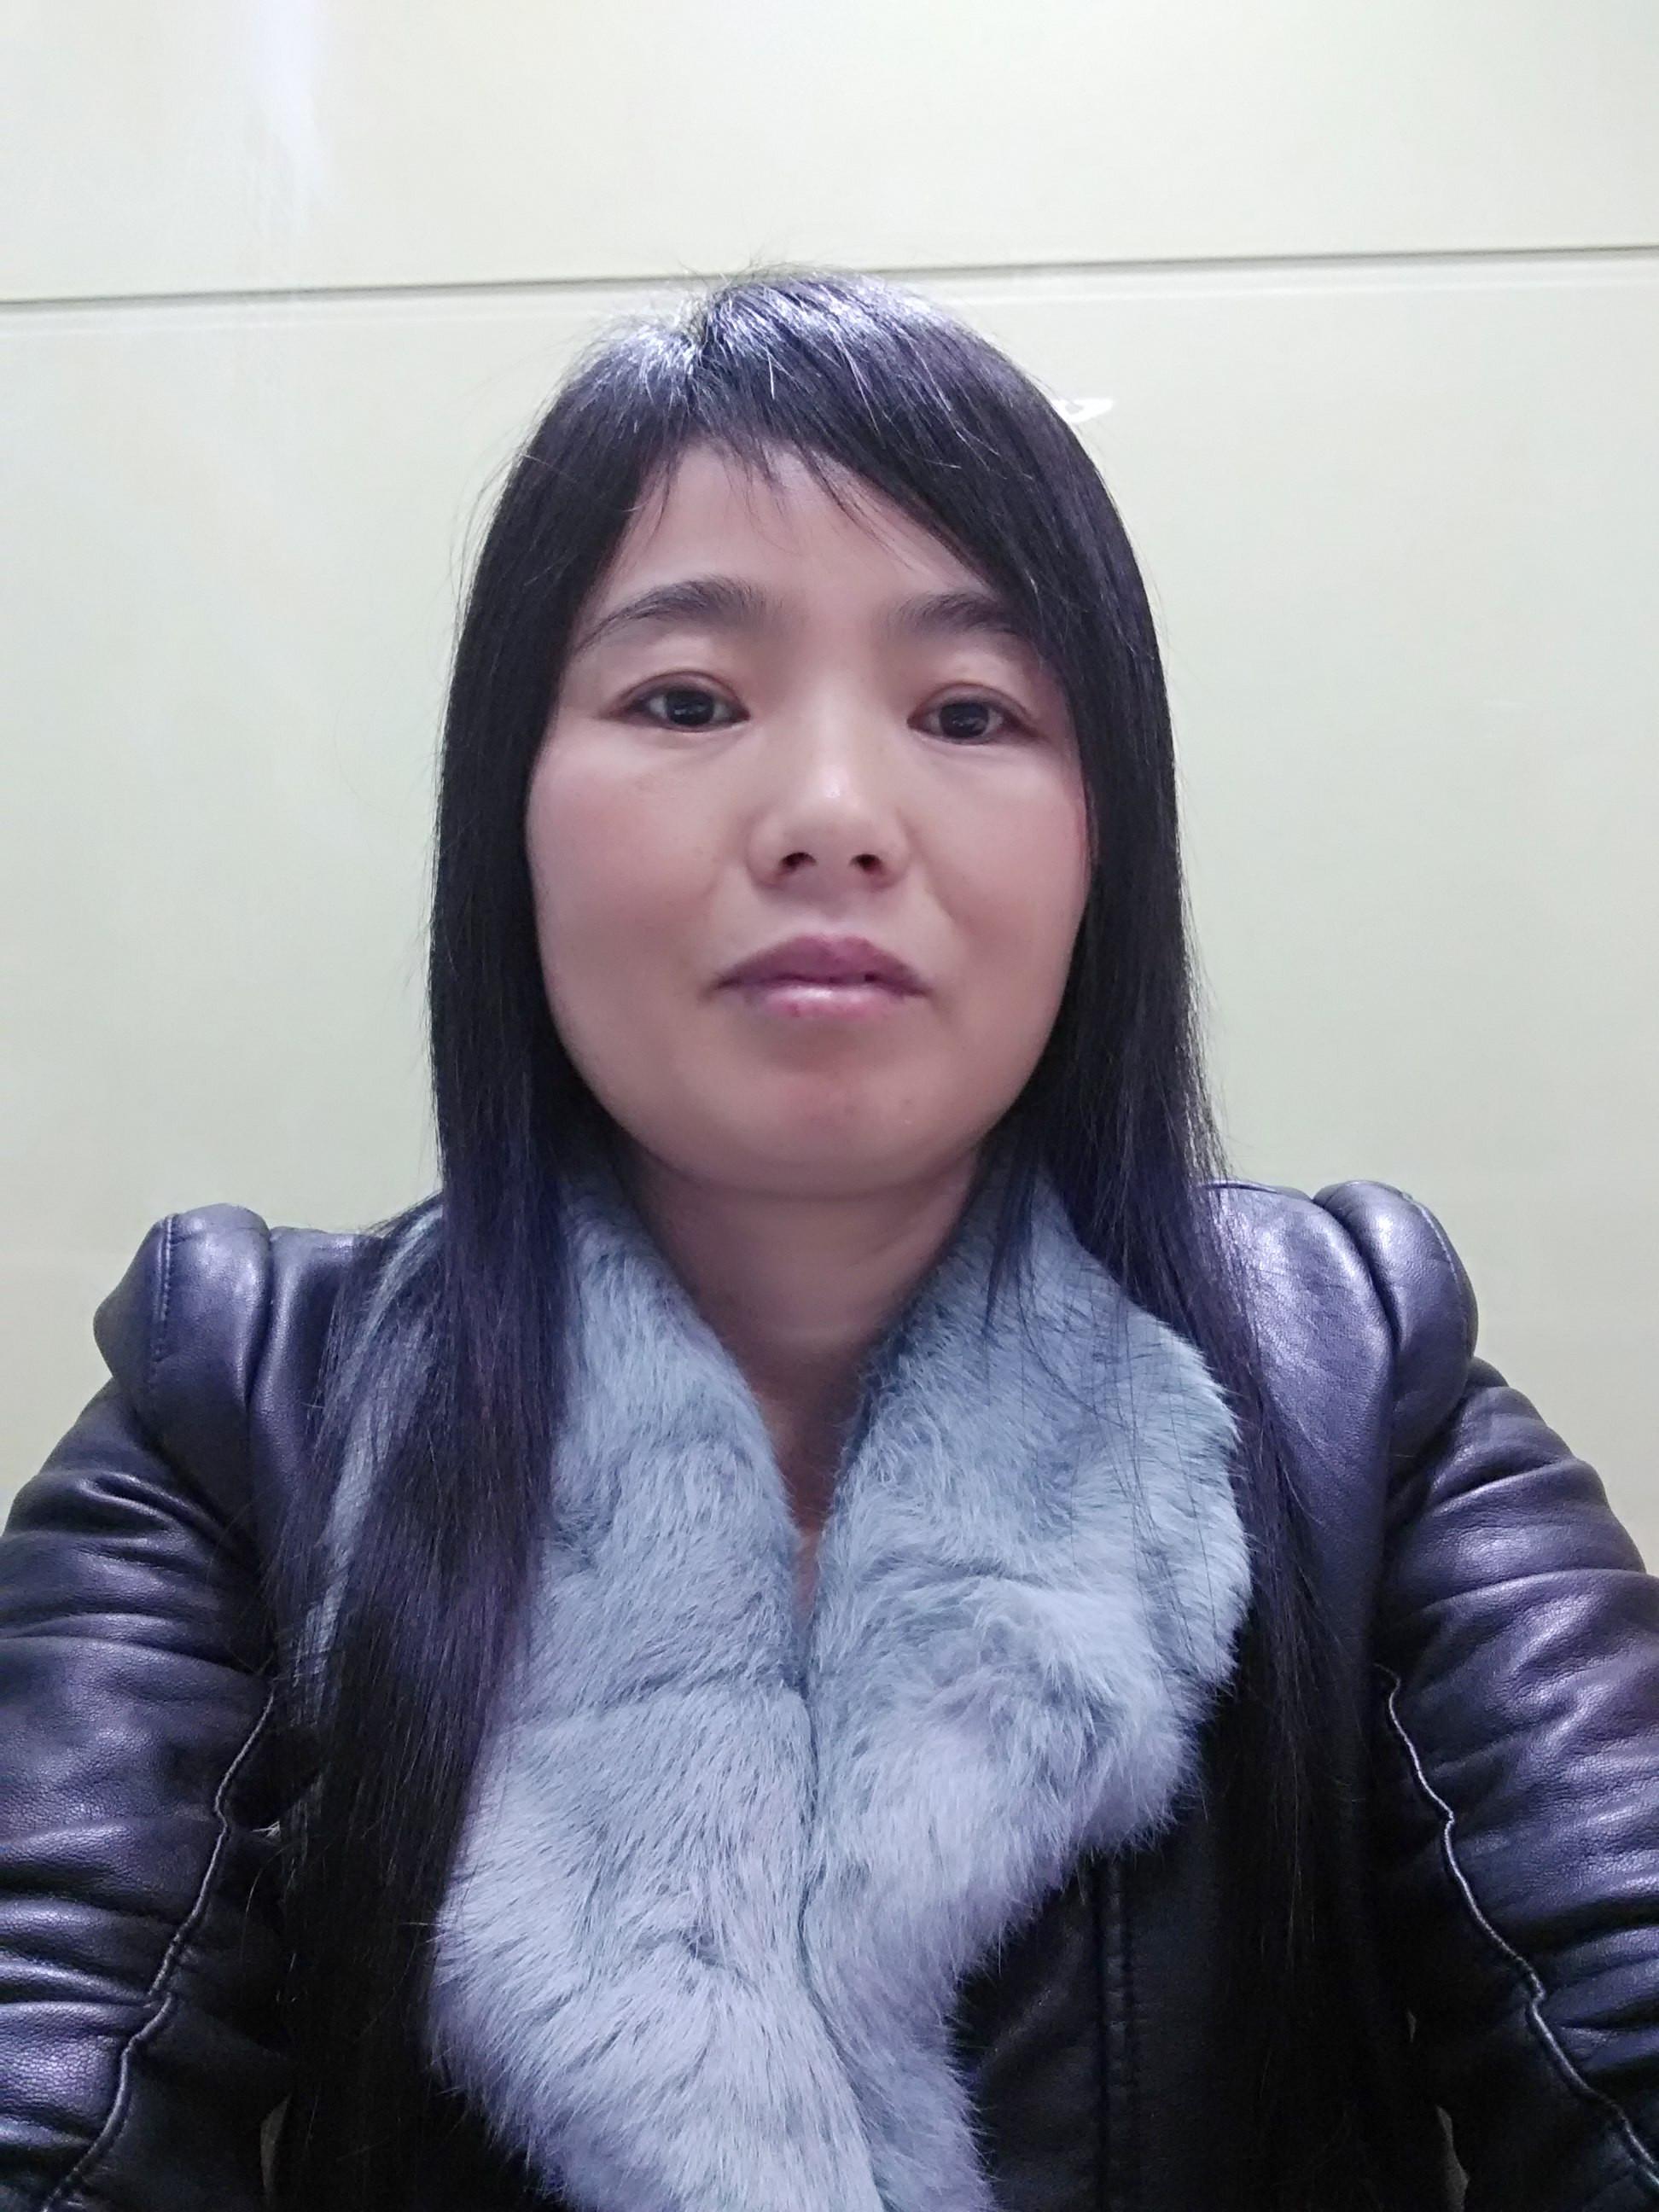 陈燕梧桐树歌曲简谱